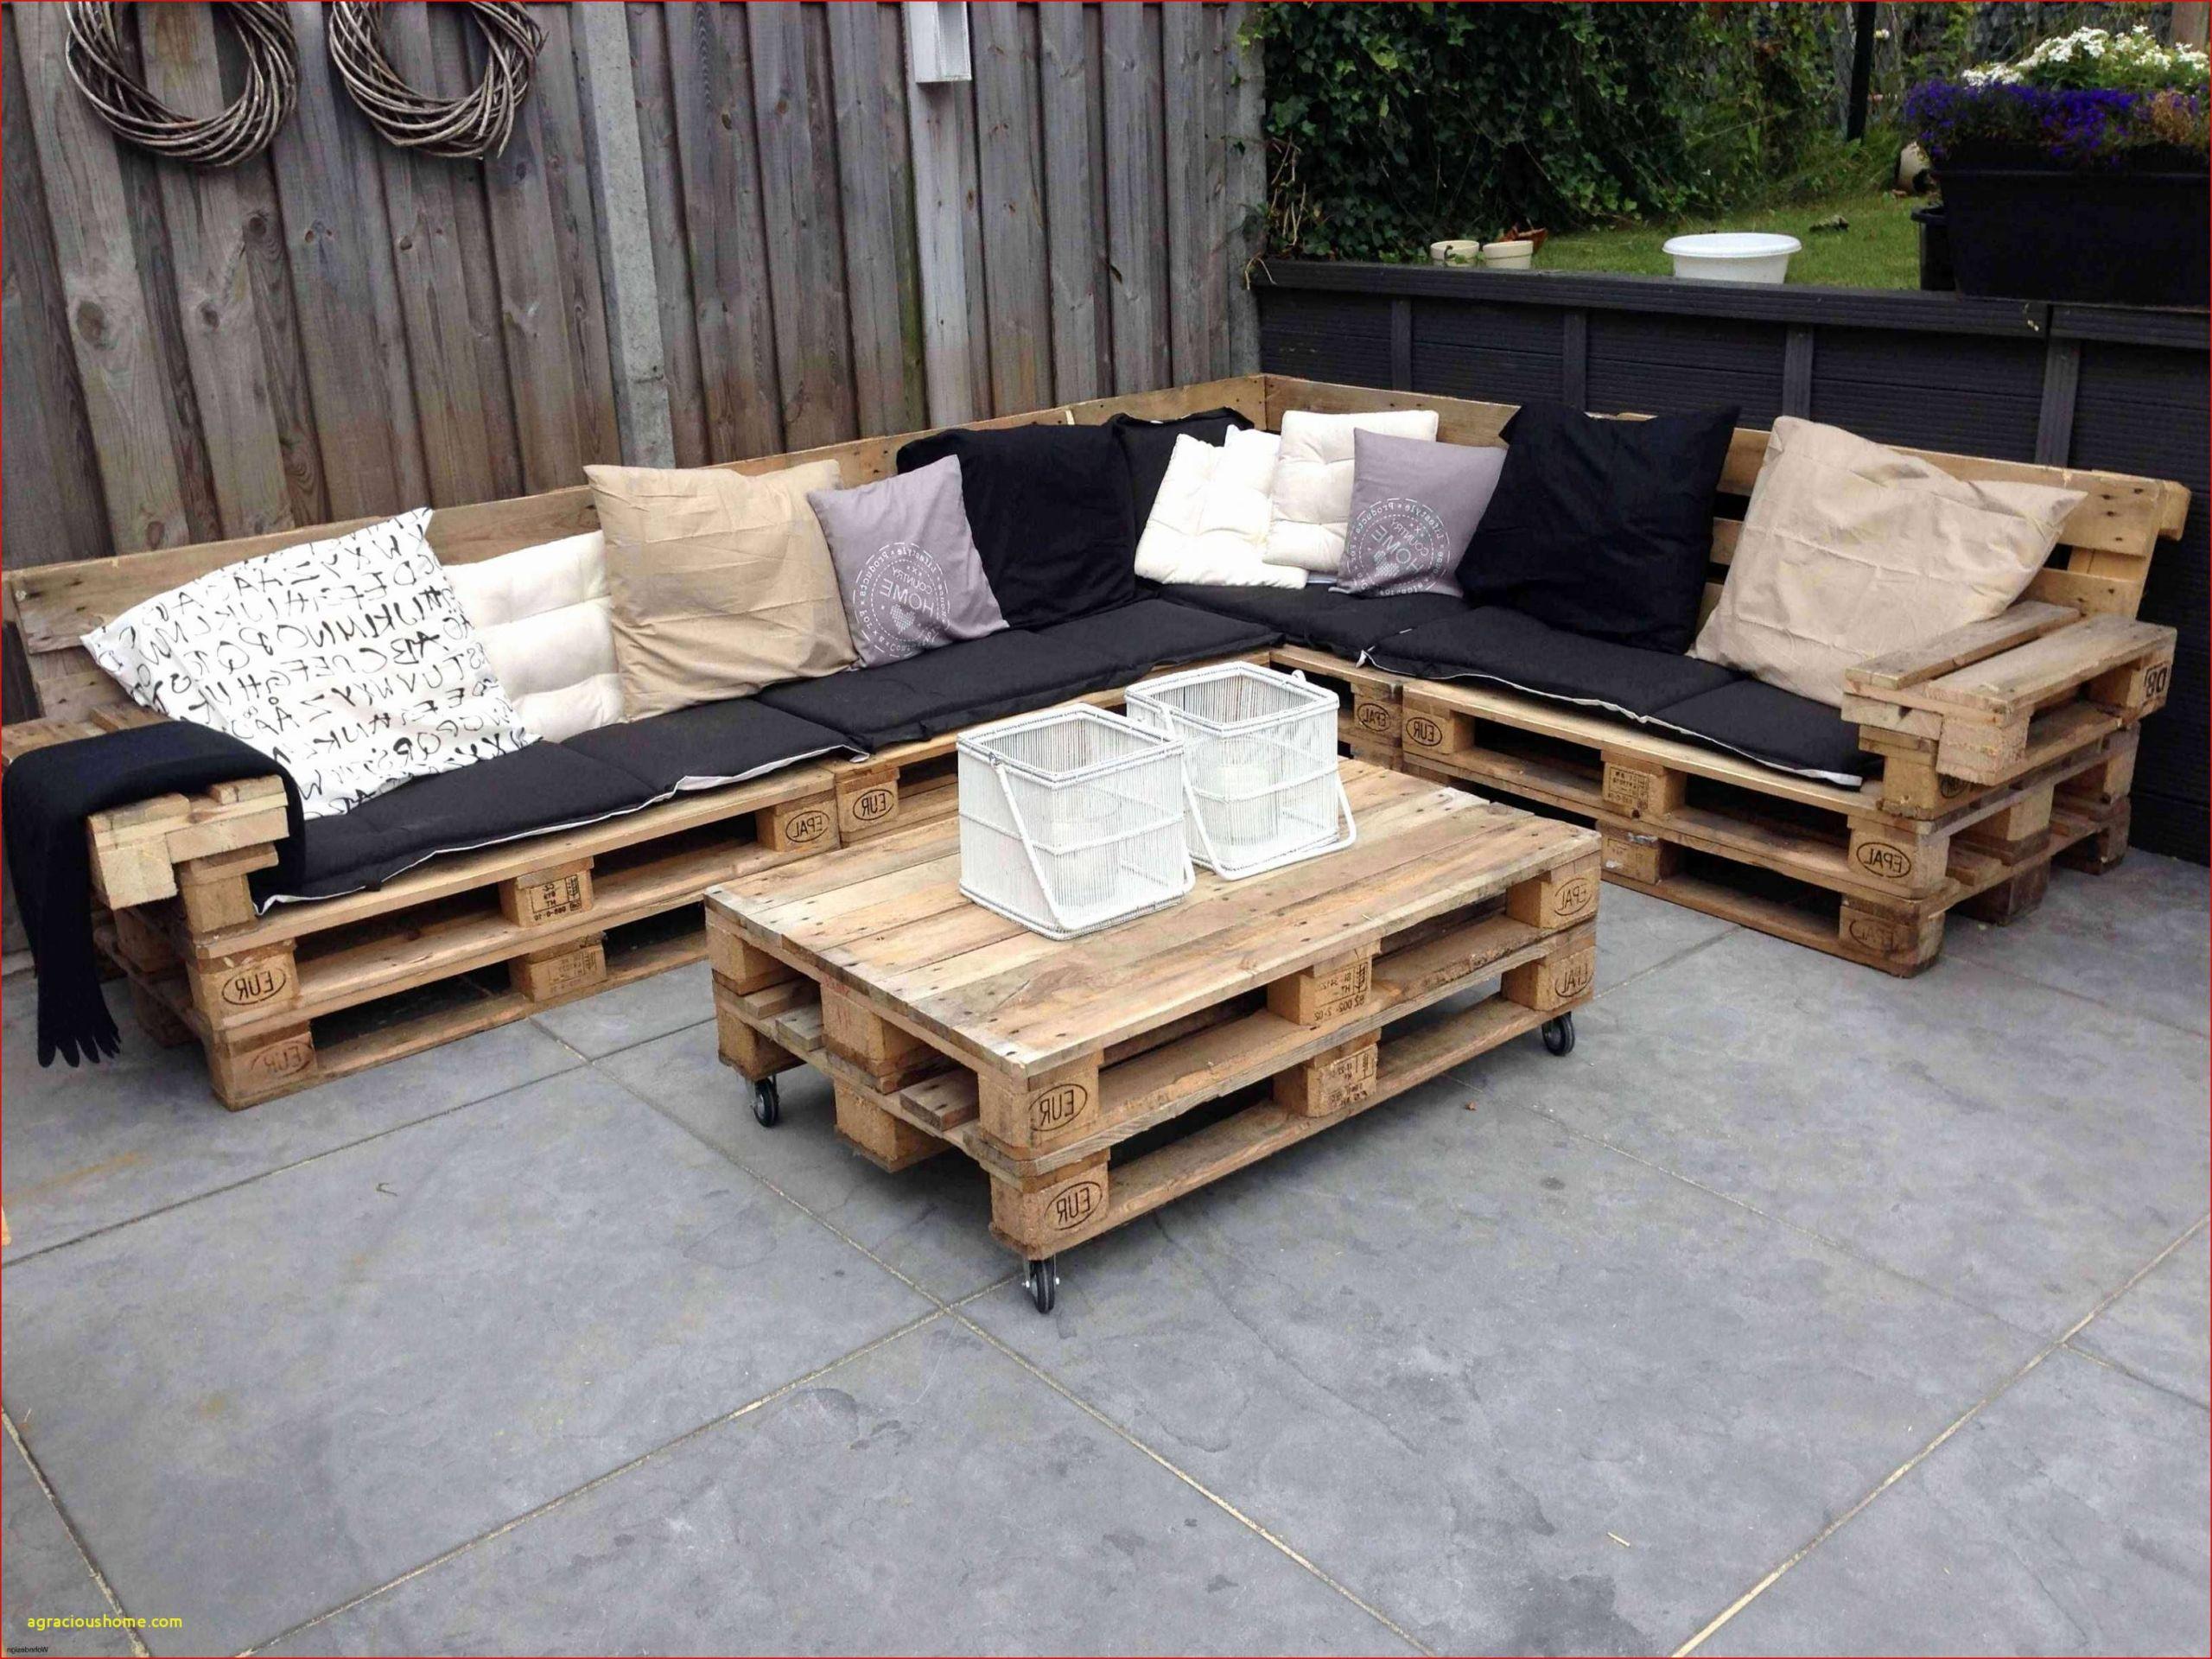 paletten deko wohnzimmer elegant outdoor lounge selber bauen temobardz home blog of paletten deko wohnzimmer